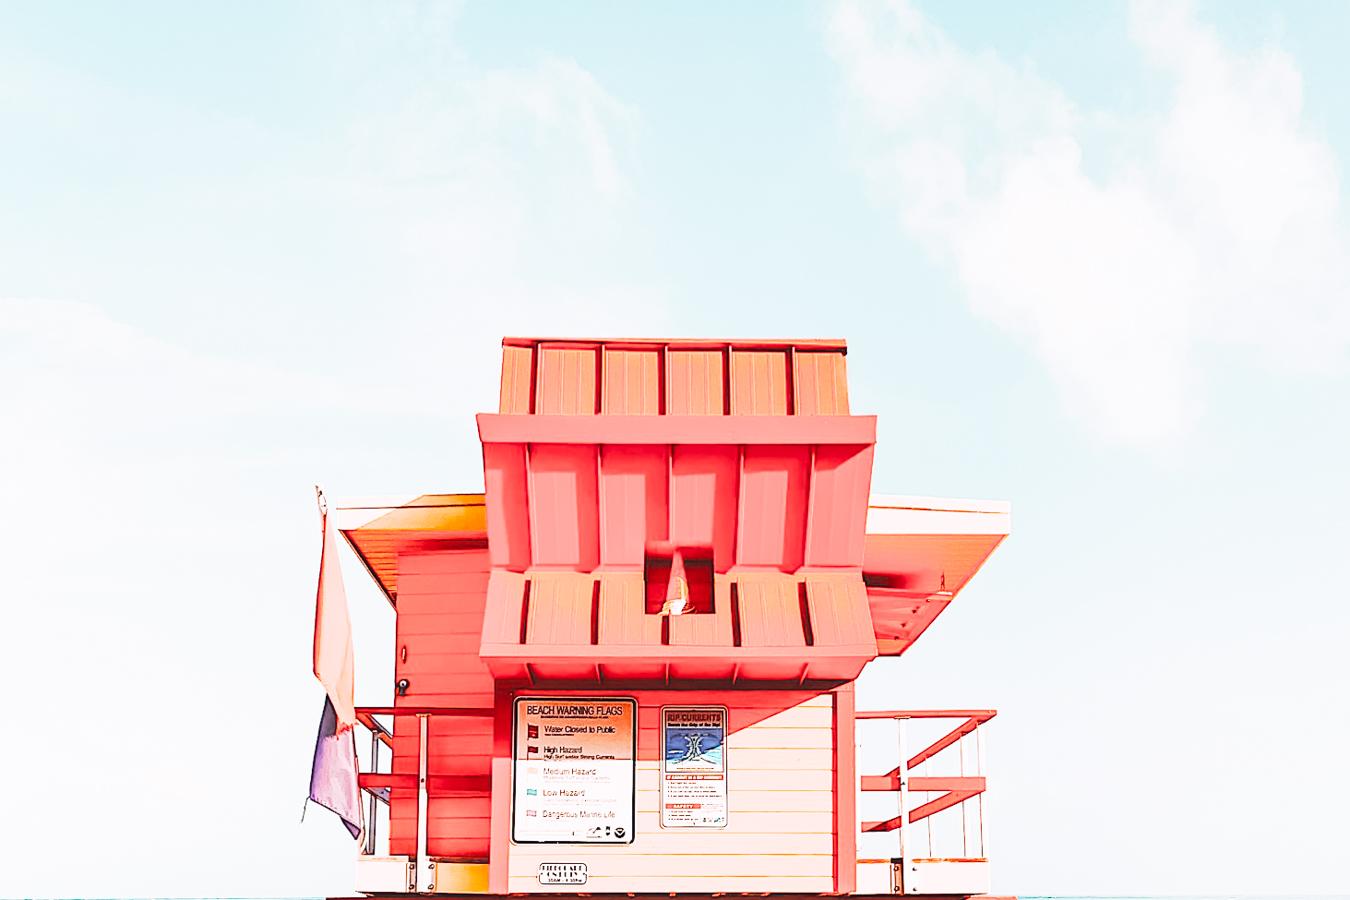 Red beach house